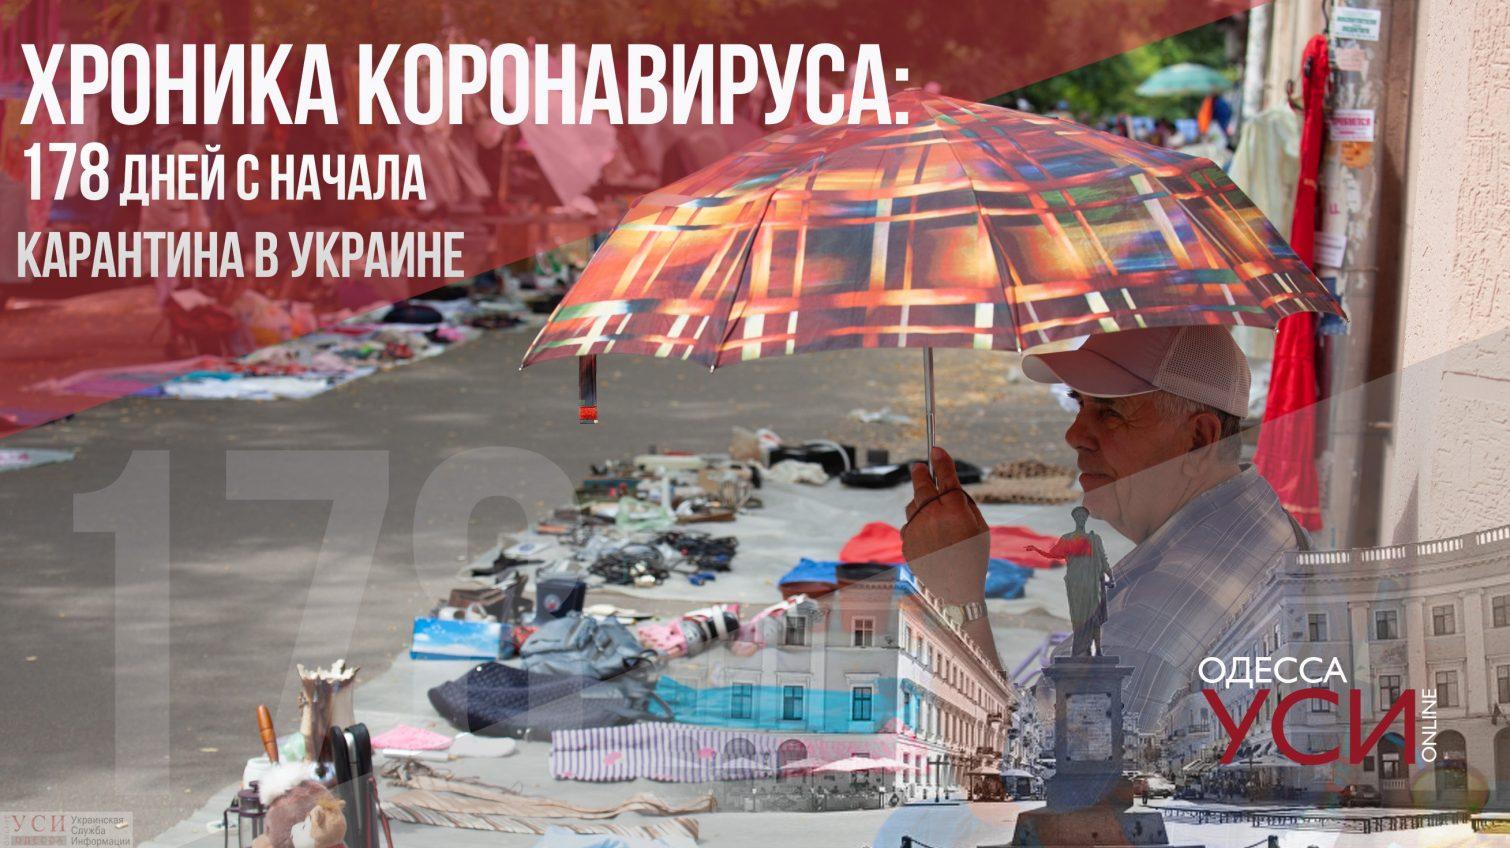 Хроника коронавируса: 178 дней с начала карантина в Украине «фото»